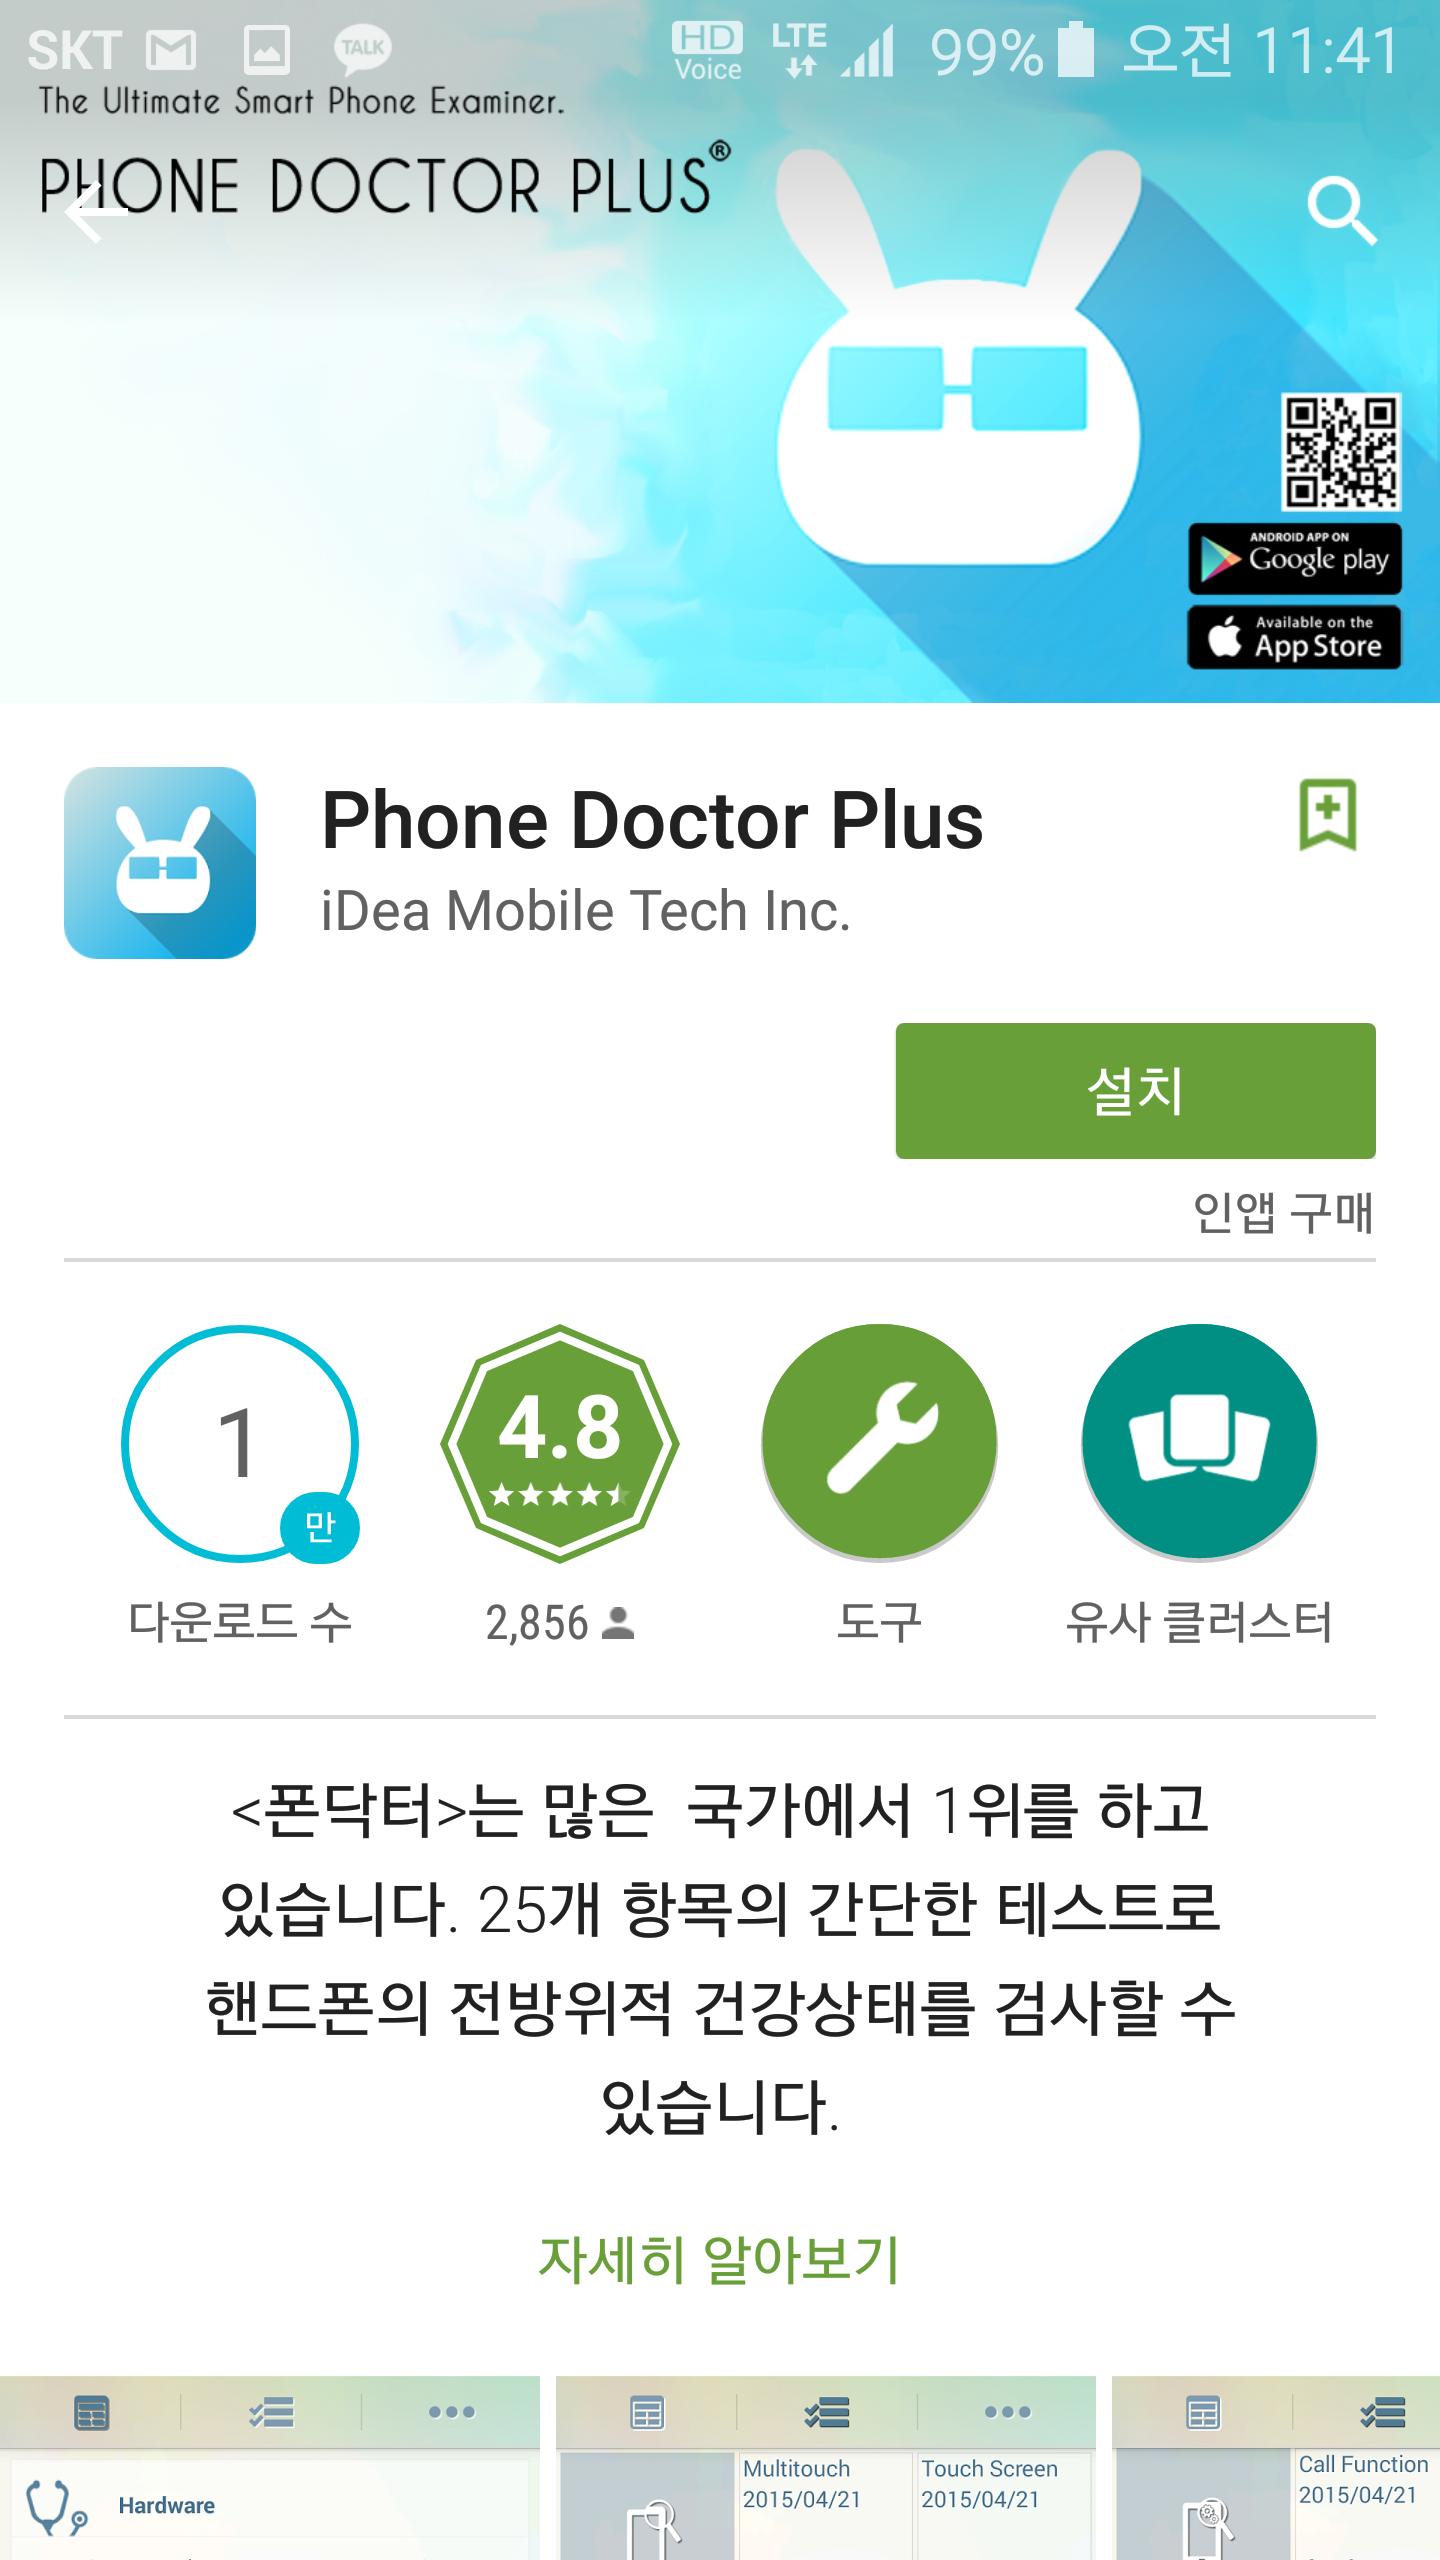 스마트폰 테스트 어플, 폰닥터플러스 후기,폰 닥터 플러스,Phone Doctor Plus,IT,안드로이드 스마트폰,아이폰,iOS,모바일,스마트폰 테스트,스마트폰 테스트 어플 폰닥터플러스 후기를 올려봅니다. 예전에 아이폰4S 테스트 방법 글을 올려서 제글을 참 많은 사람들이 봤던 기억이 있는데요. 요즘은 잘 만들어진 어플들이 많아서 좀 더 쉬운 방법으로 테스트가 가능 합니다. 처음 구매한 제품을 스마트폰 테스트 어플 폰닥터플러스를 이용해서 테스트를 해보세요. 쉽고 간단하게 문제가 있는지를 확인할 수 있습니다. 물론 제조사에서 제공하는 방법으로 기본 테스트로 들어가서도 테스트가 가능하긴 하지만 초보자들에게는 조금 어려울 수 도 있죠. 메모리의 상태나 네트워크 상태, 통신의 상태 및 화면 디스플레이 점검등 스마트폰 테스트 어플 폰닥터플러스를 이용하면 쉽고 간단하게 초보자도 테스트가 가능 합니다.처음 설치하고 인터페이스를 보면 이런 부분이 기본으로 스마트폰에 들어가면 좋겠다는 생각이 들정도로 깔끔하네요. 처음 화면에서는 배터리, CPU, 메모리, 저장장치, 네트워크의 상태를 한눈에 볼 수 있습니다. 테스트 메뉴에서는 스마트폰의 문제를 확인할 수 있는 세부옵션들이 나뉘어져 있어서 단계별로 테스트를 할 수 있습니다.